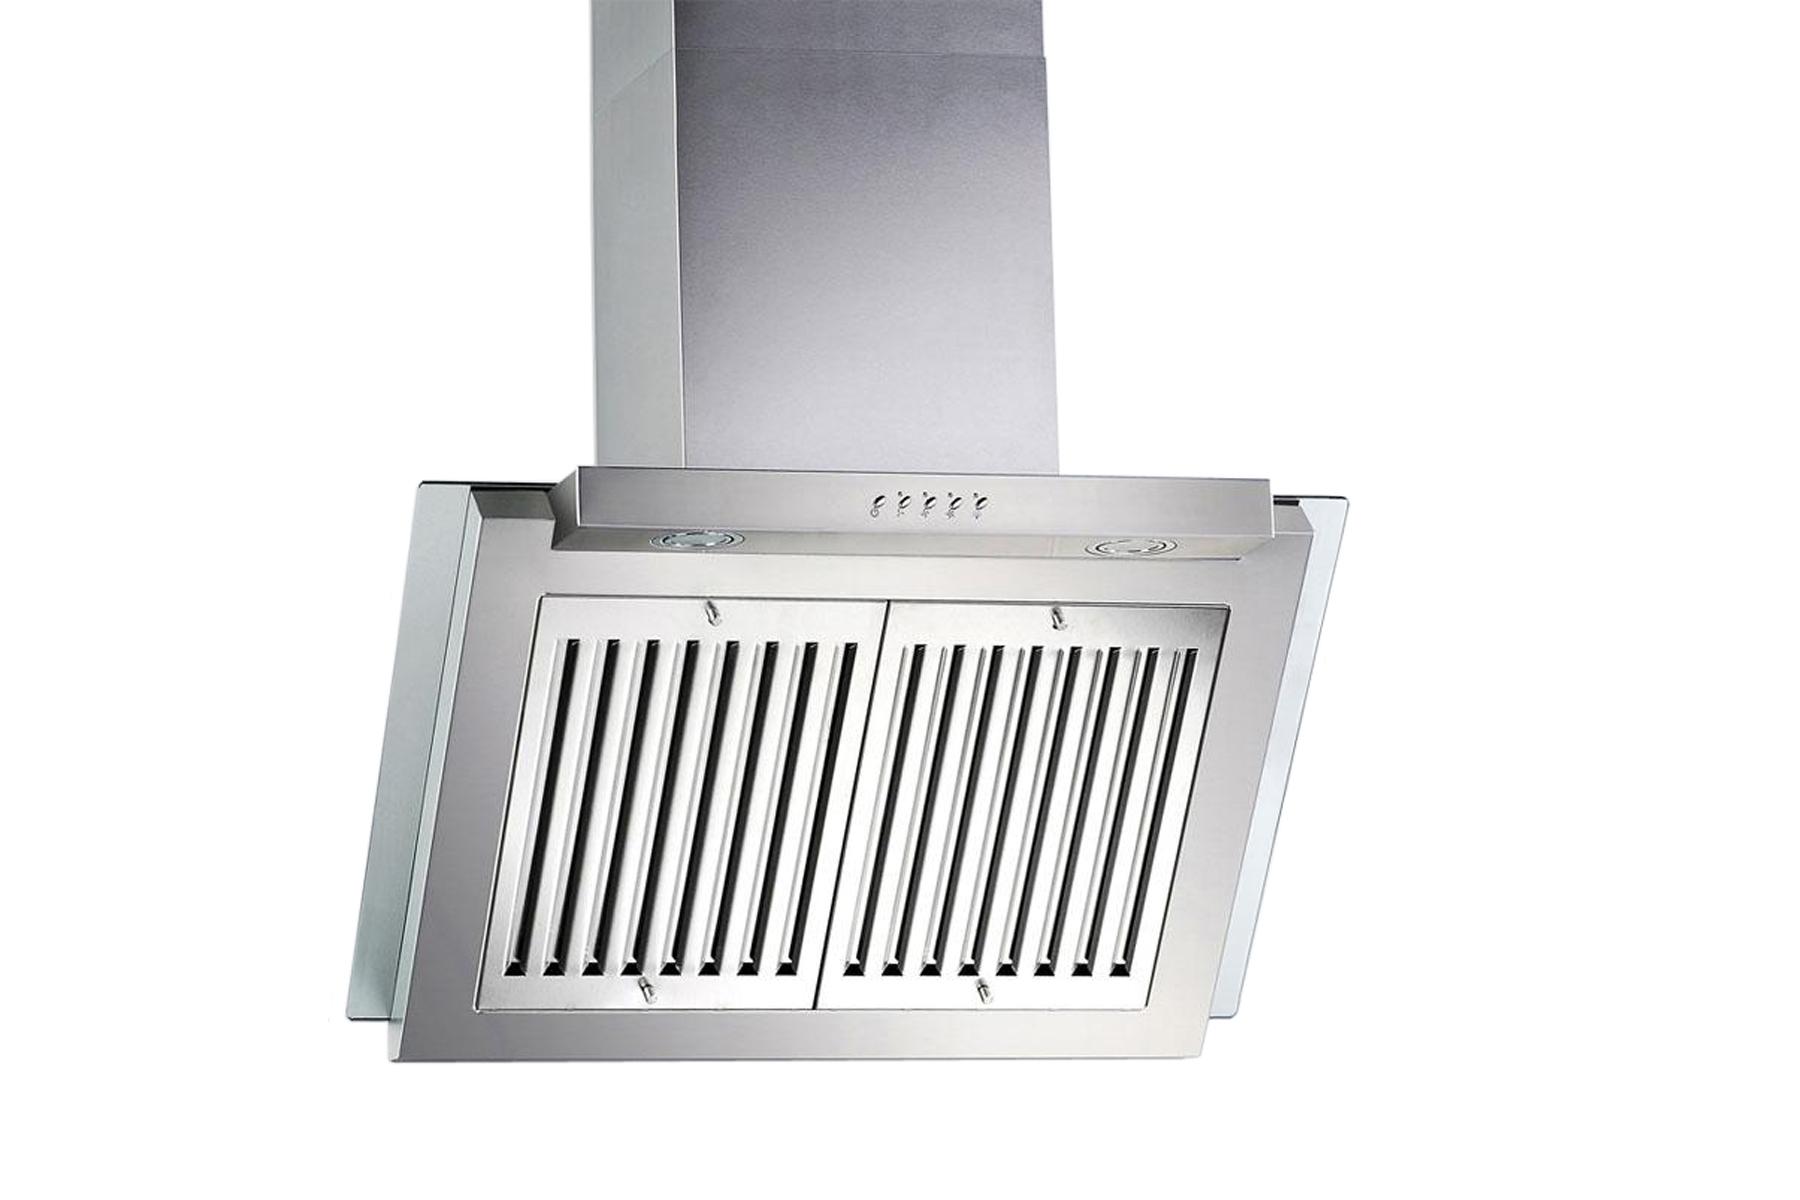 stainless steel 30 kitchen range hoods wall mount ventilation system 3 speeds. Black Bedroom Furniture Sets. Home Design Ideas